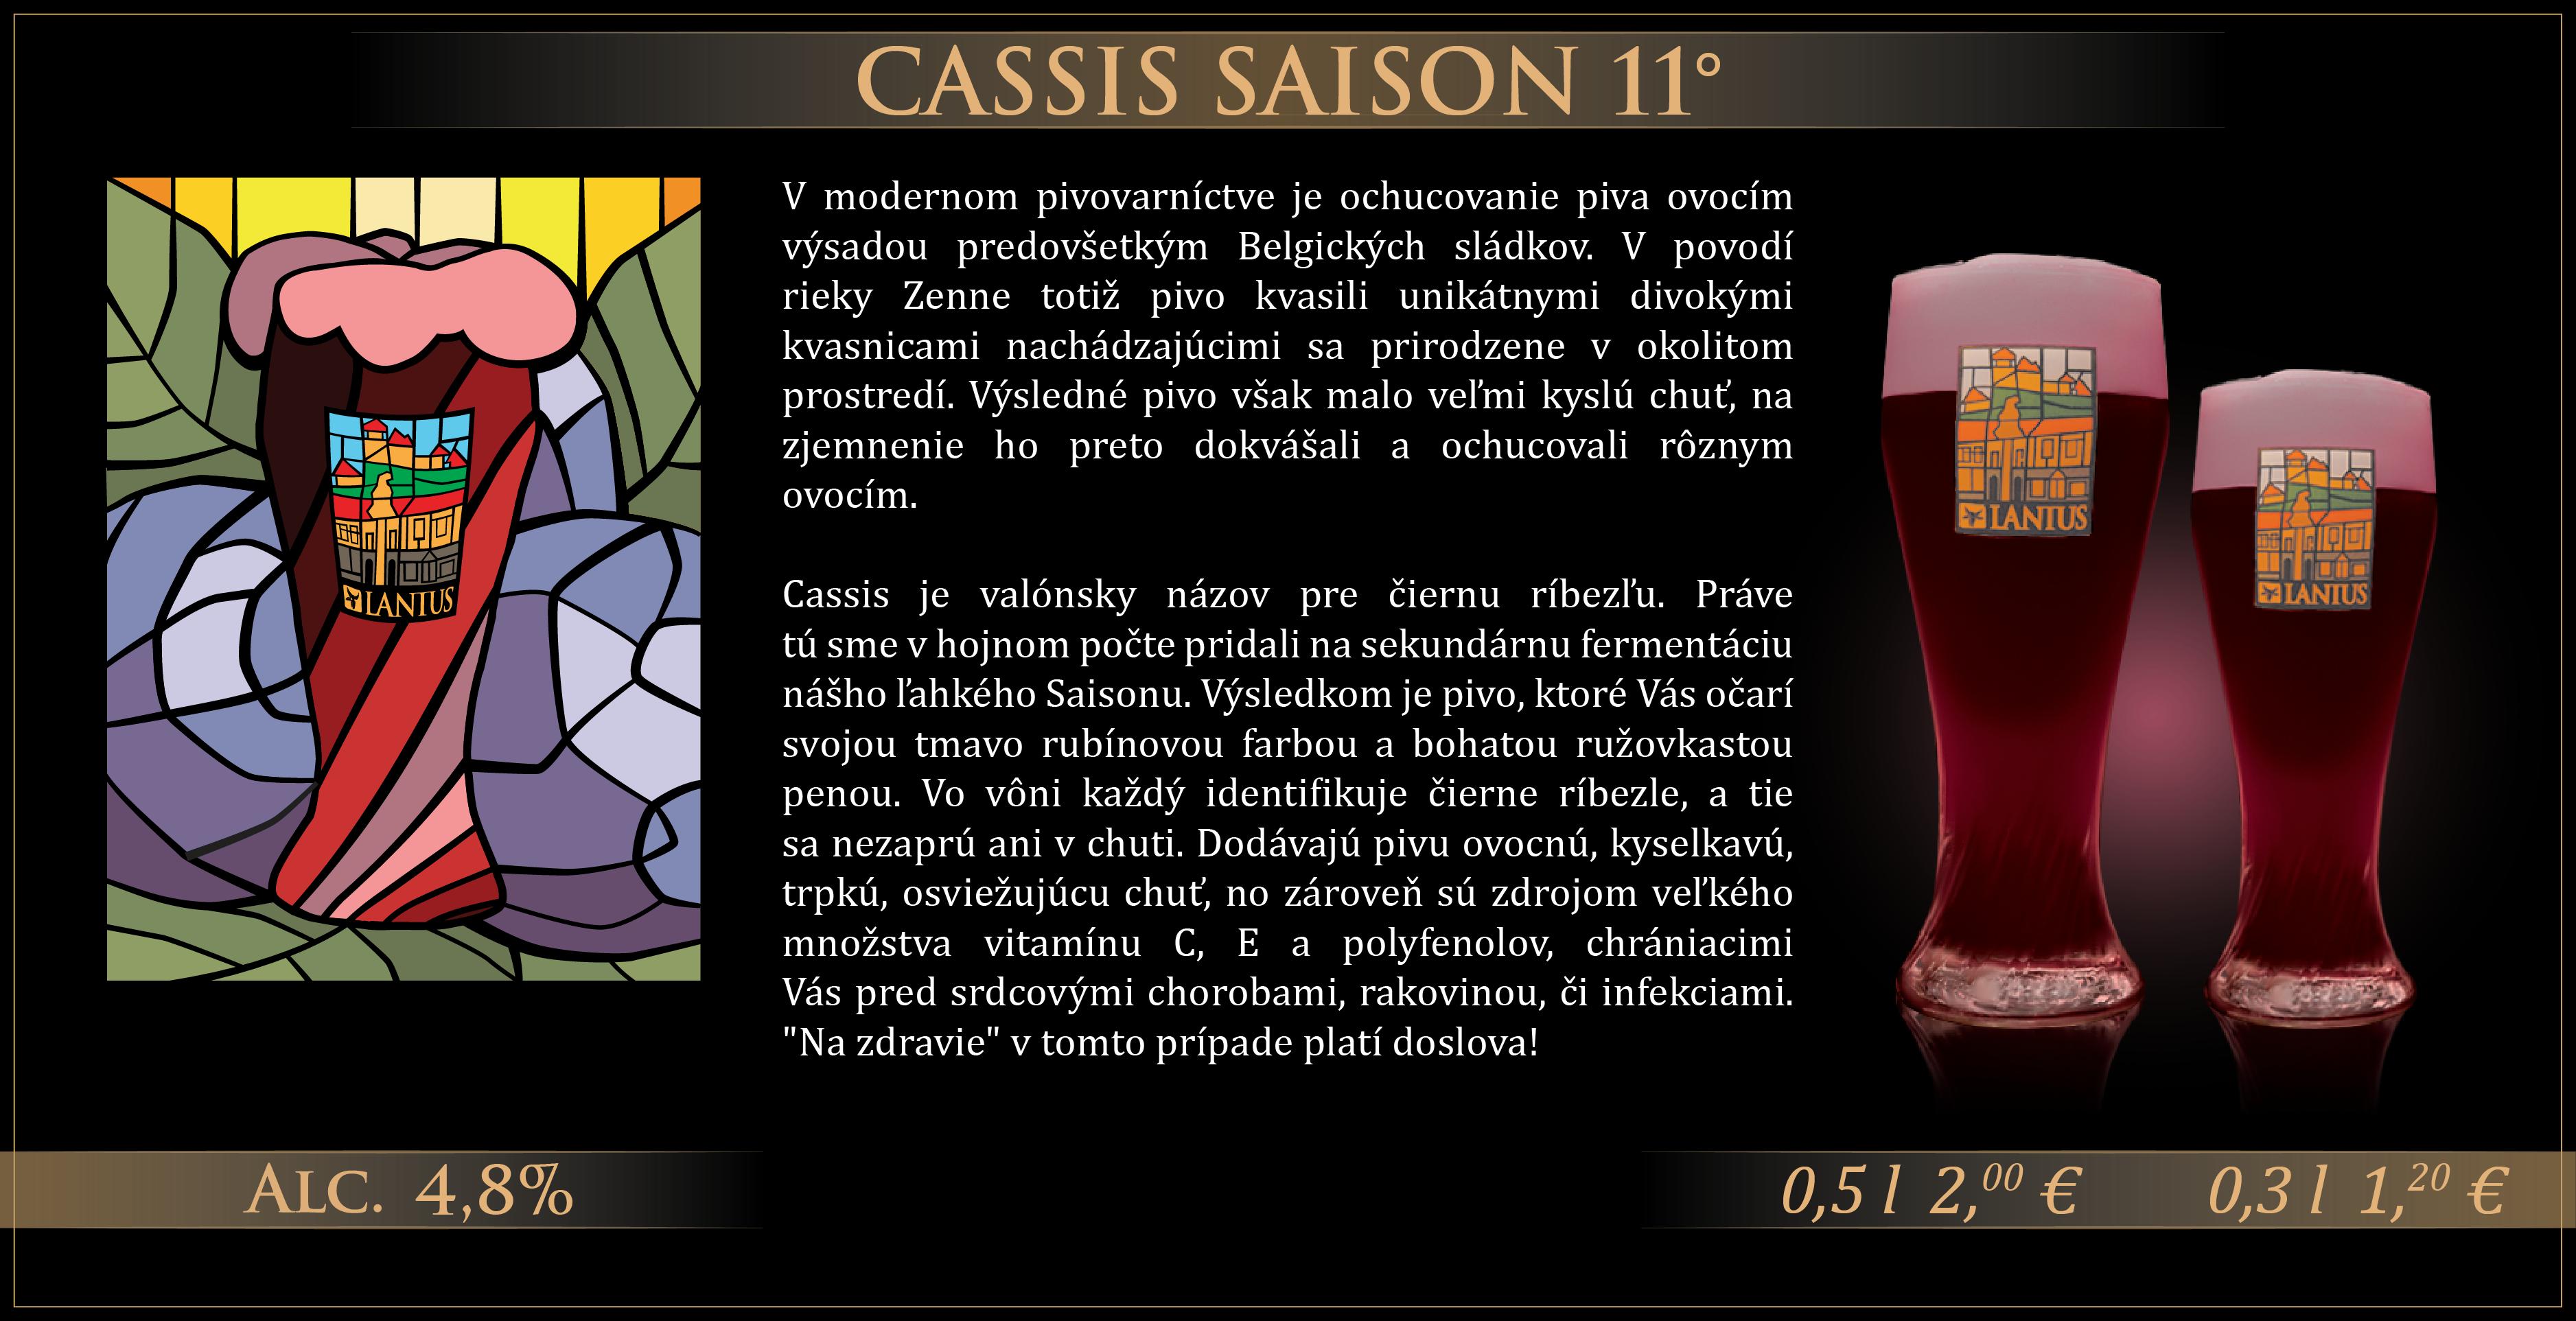 cassis-saison-11-11-WEB-02